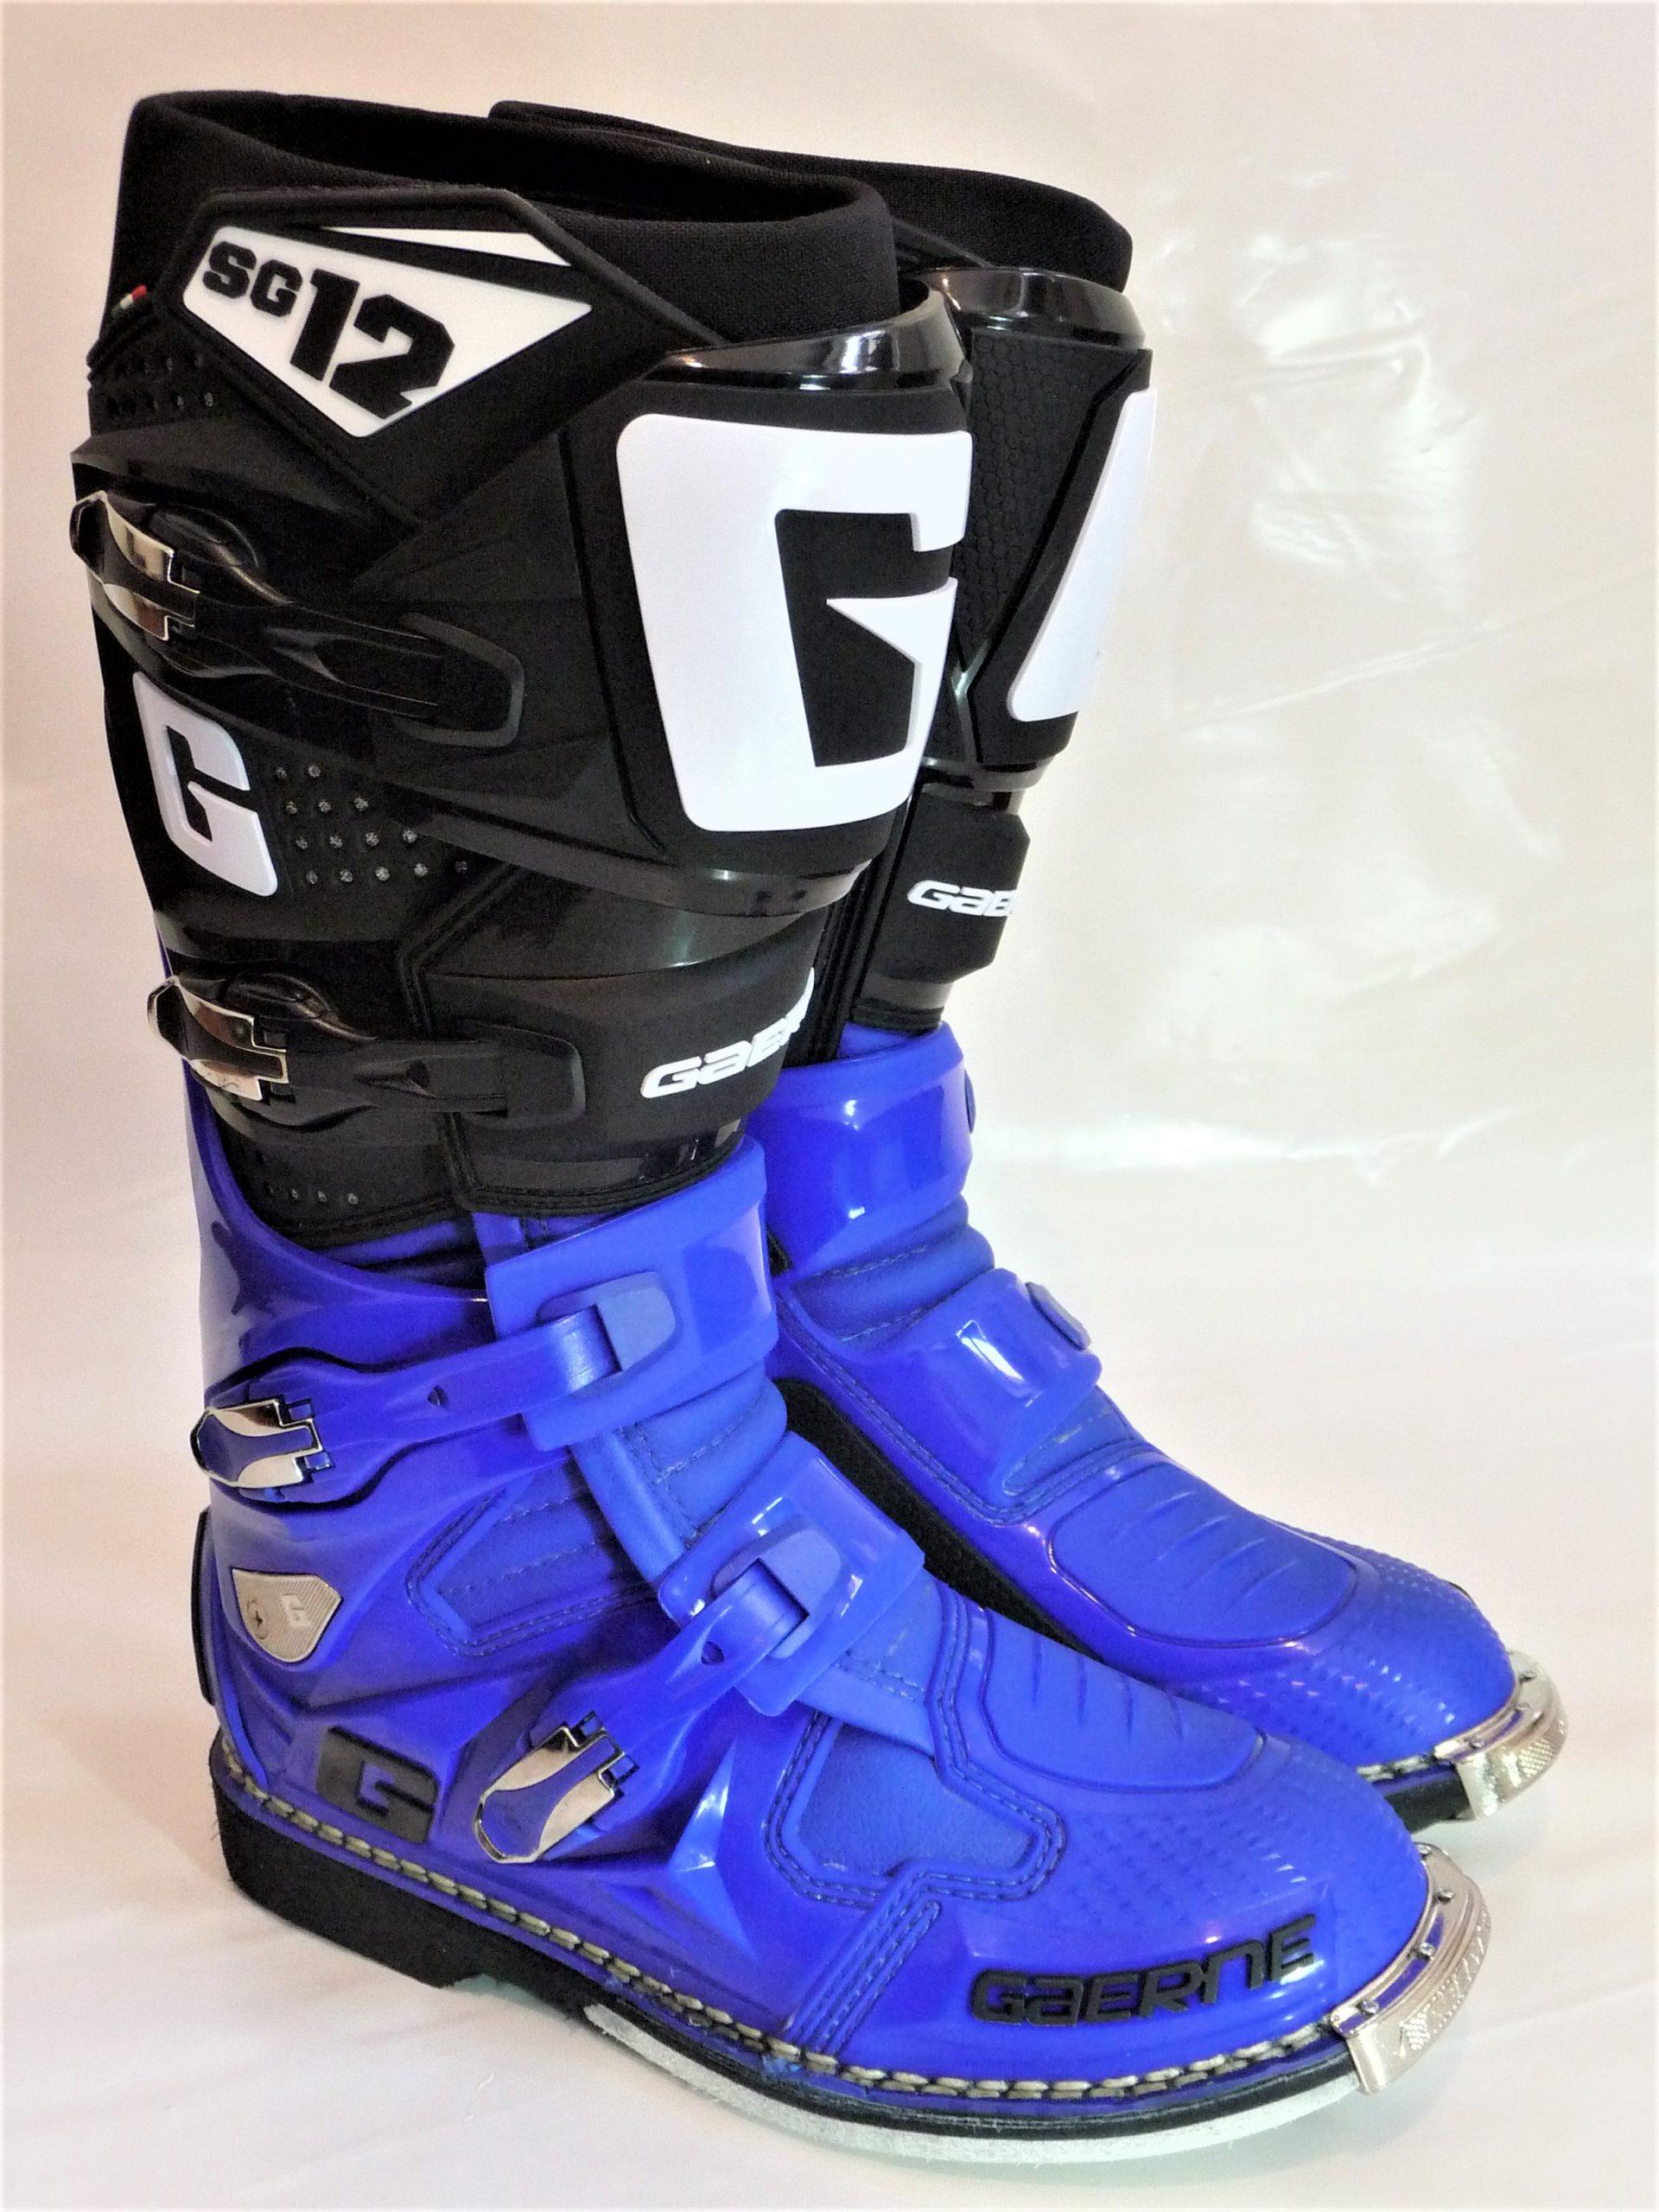 Gaerne SG 12, blau/schwarz Motocross-Enduro Stiefel